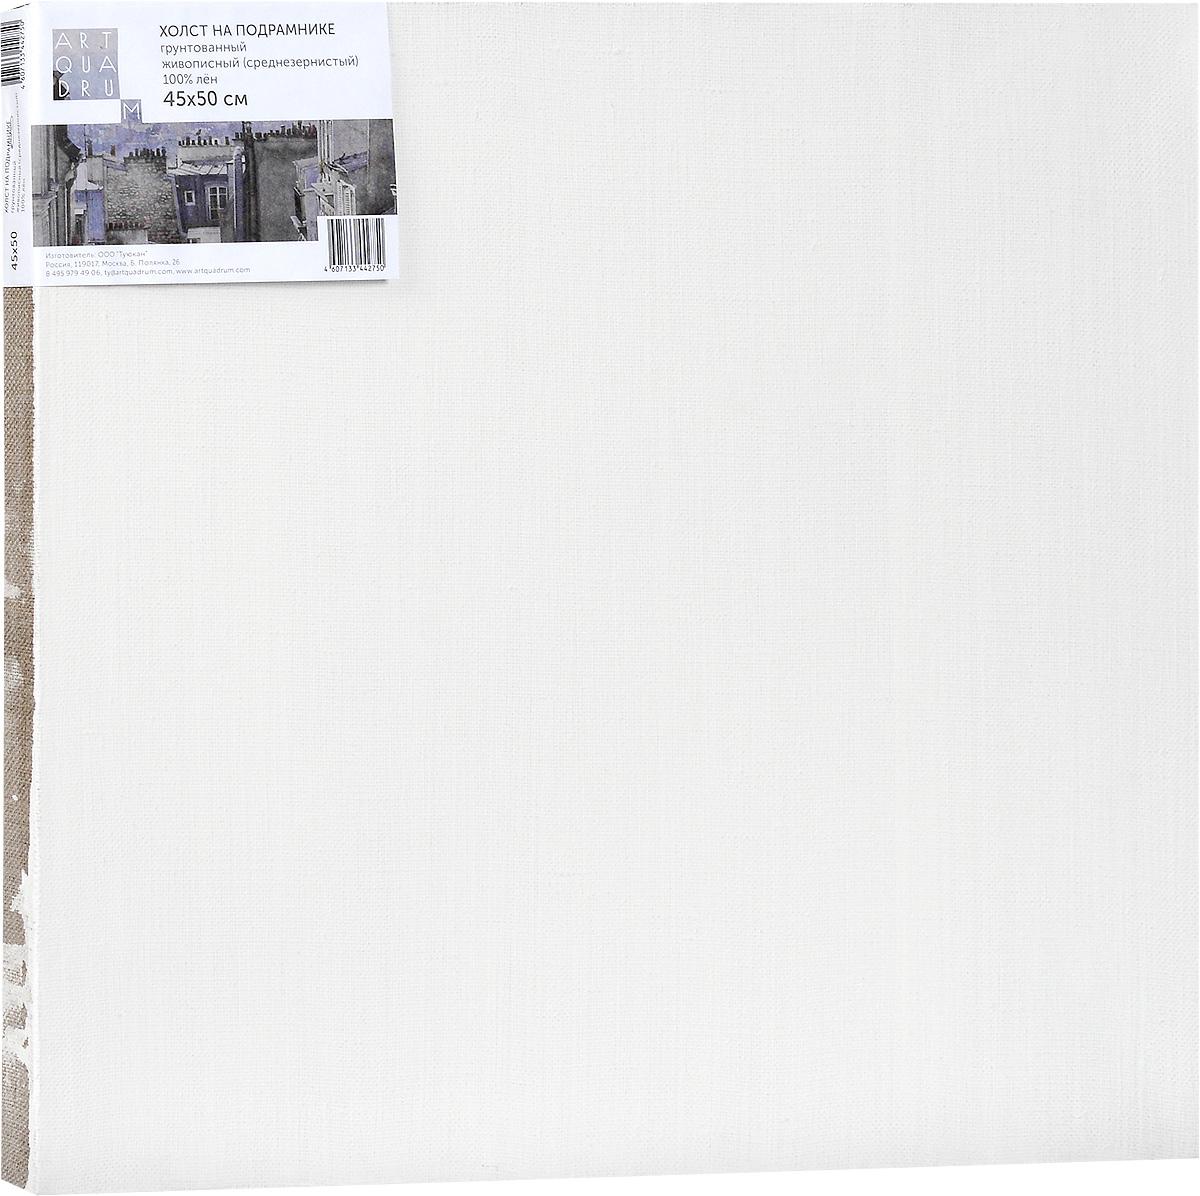 Холст ArtQuaDram Живописный на подрамнике, грунтованный, 45 х 50 смТ0003749Холст на деревянном подрамнике ArtQuaDram Живописный изготовлен из 100% натурального льна. Подходит для профессионалов и художников. Холст не трескается, не впитывает слишком много краски, цвет краски и качество не изменяются. Холст идеально подходит для масляной и акриловой живописи.